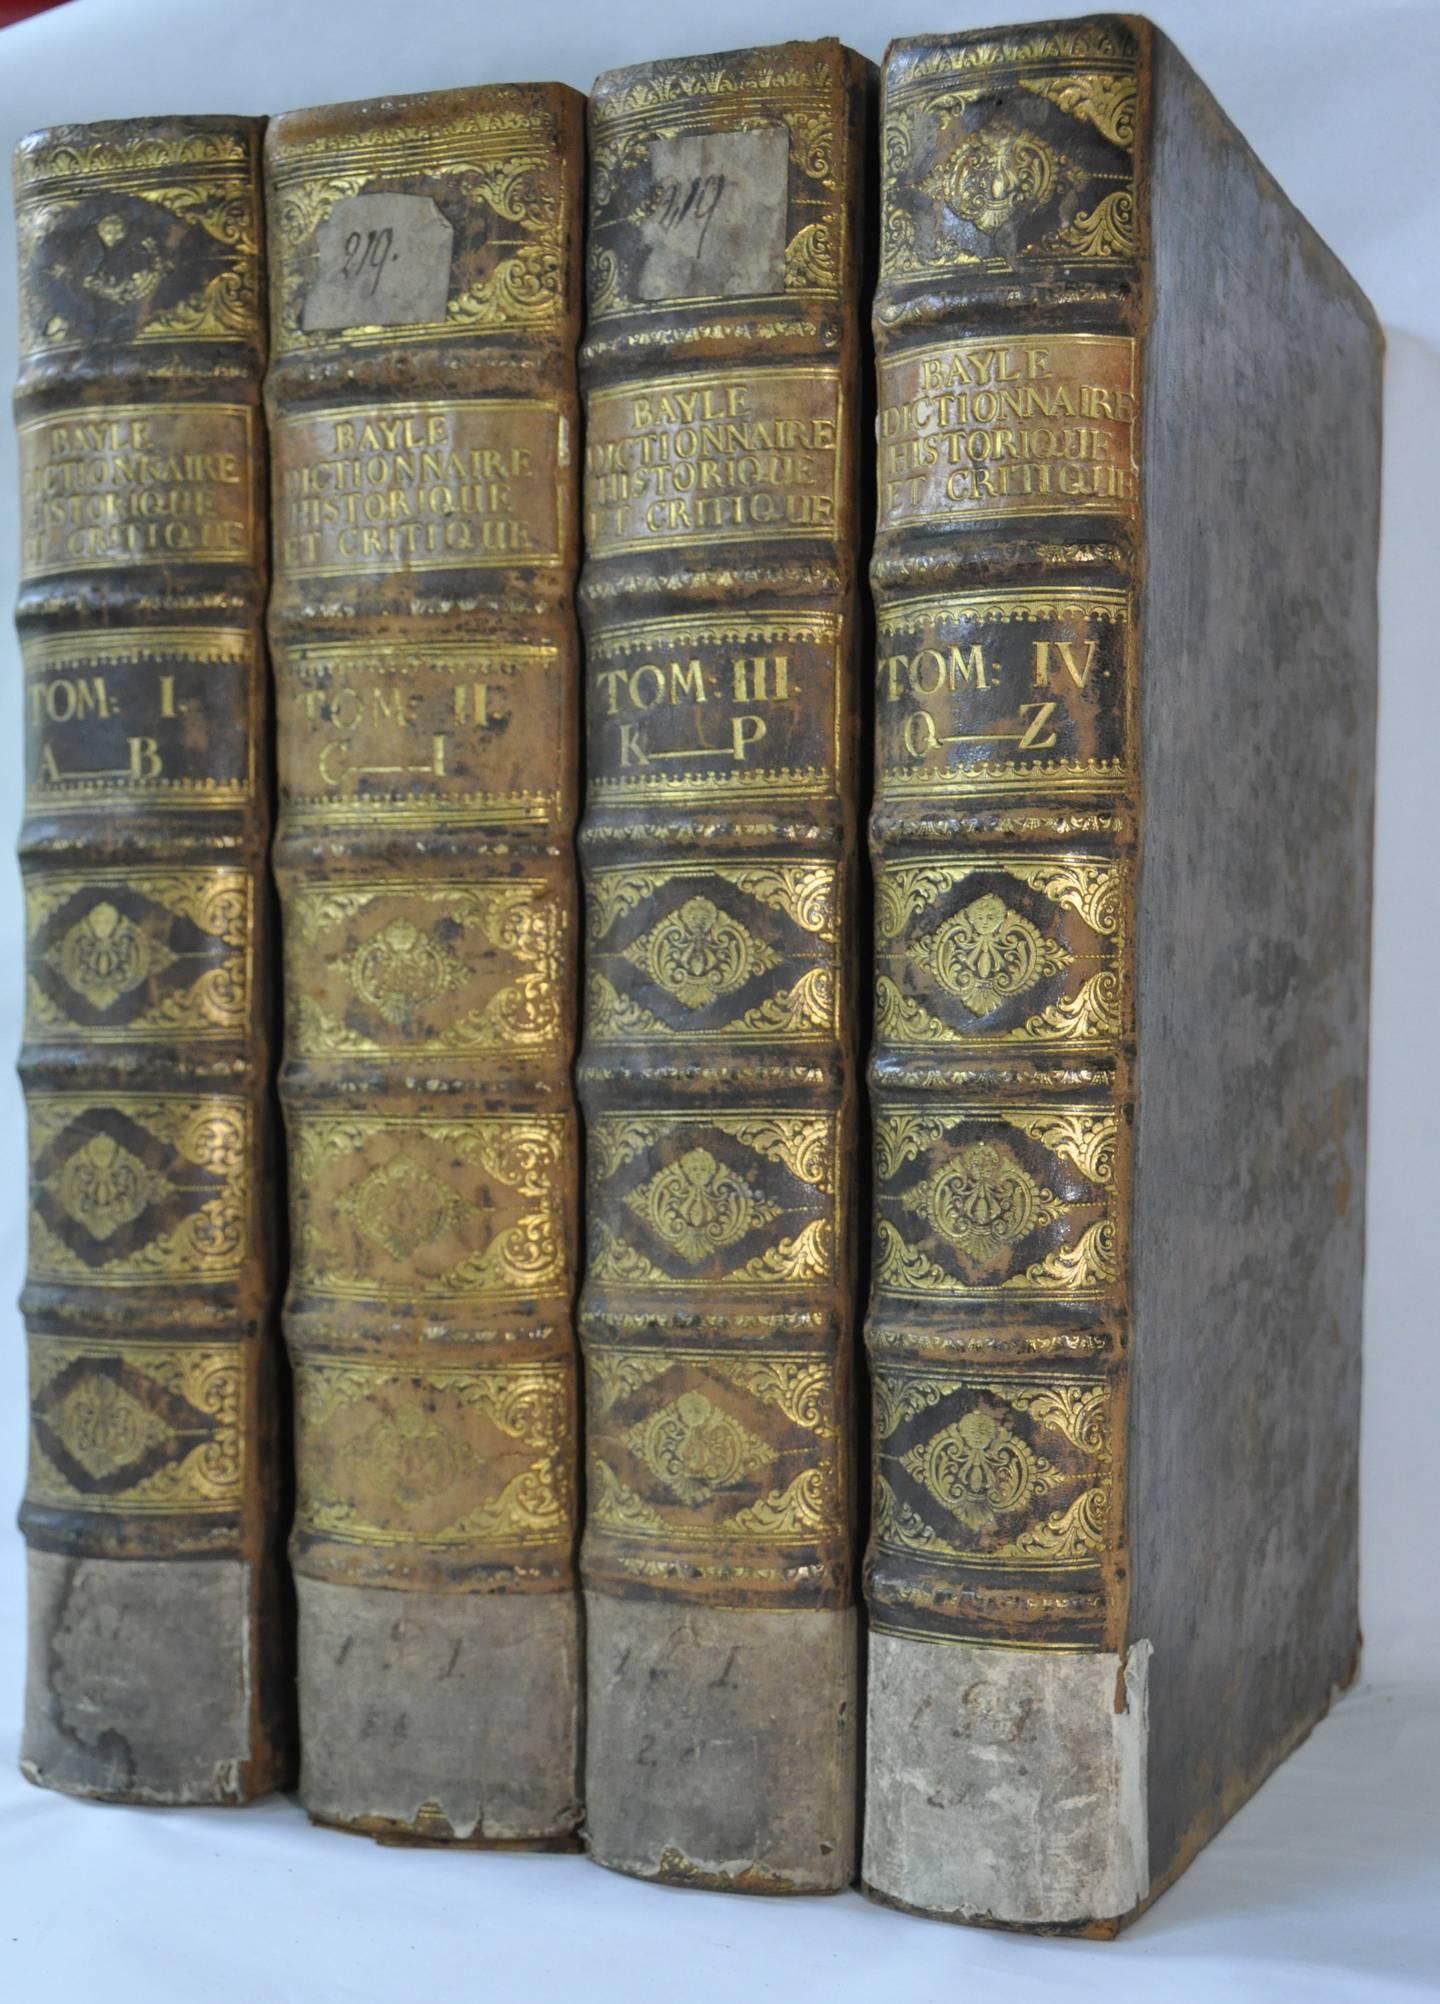 Słownik historyczny ikrytyczny Pierre'a Bayle'a – arcydzieło XVII-wiecznej erudycji